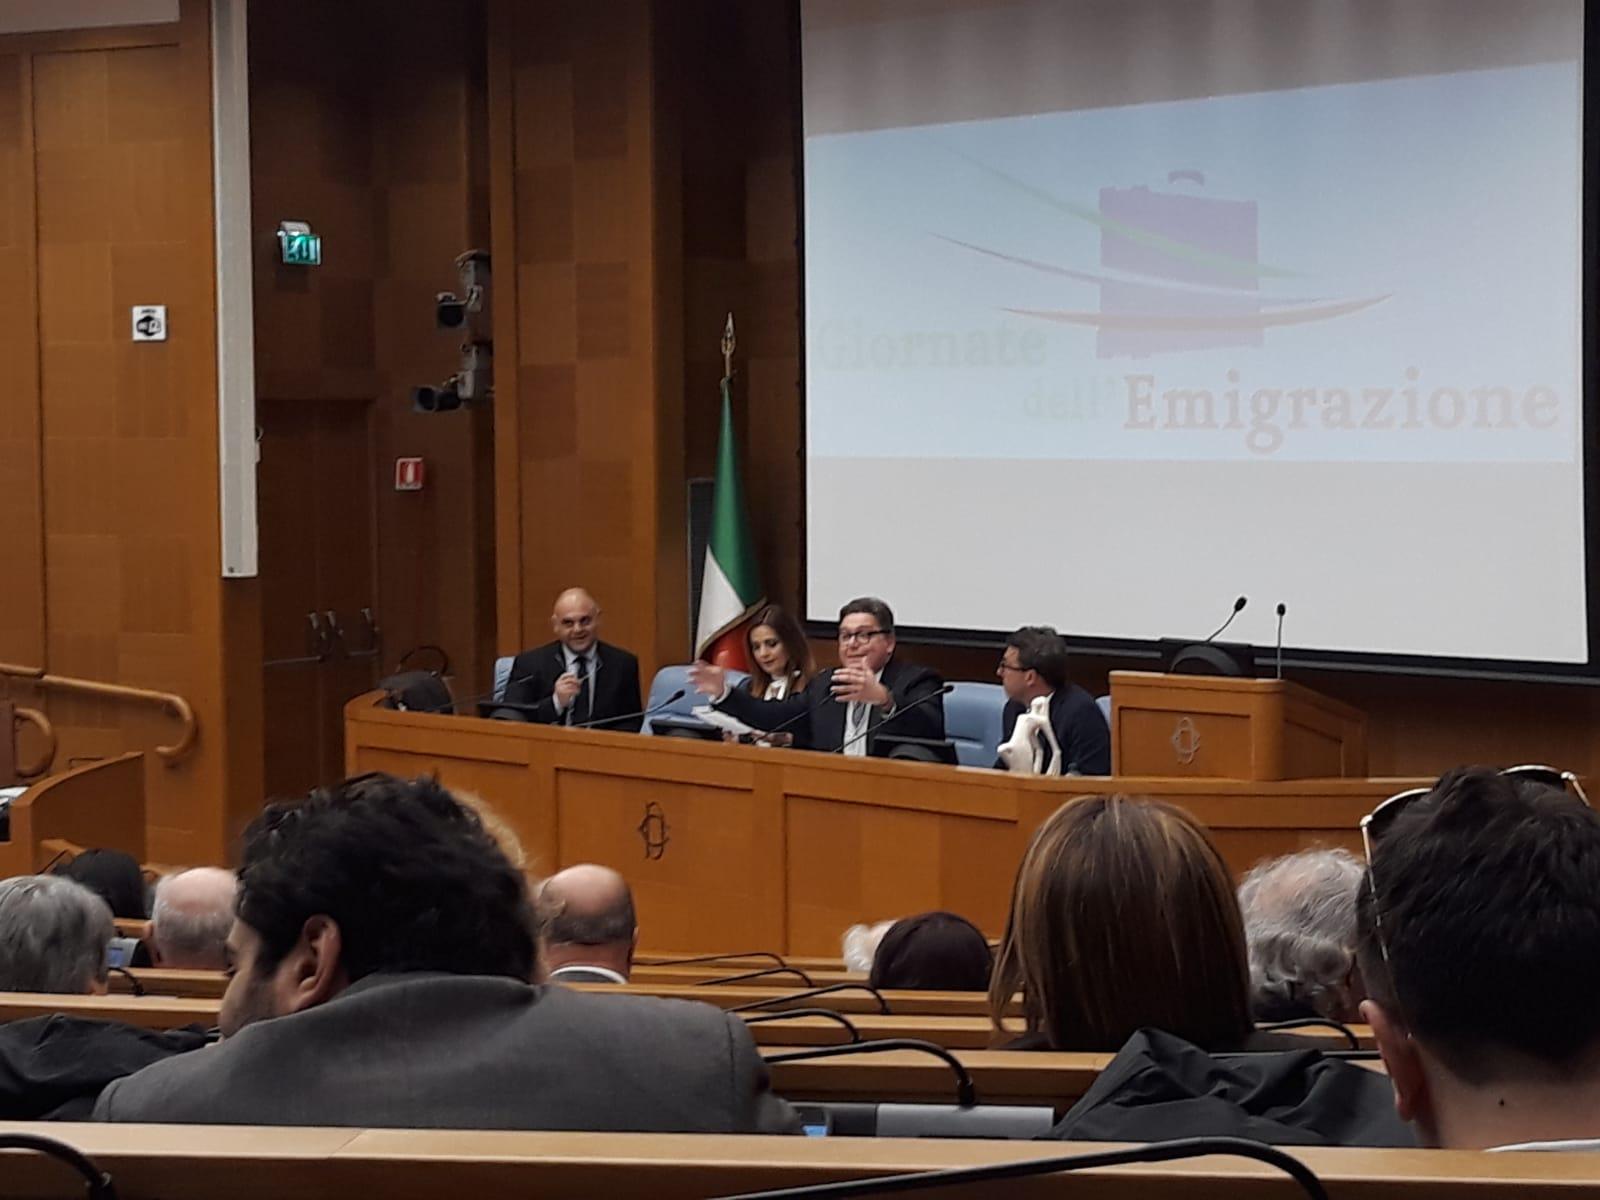 Giornata dell 39 emigrazione alla camera dei gruppi for Camera dei deputati gruppi parlamentari